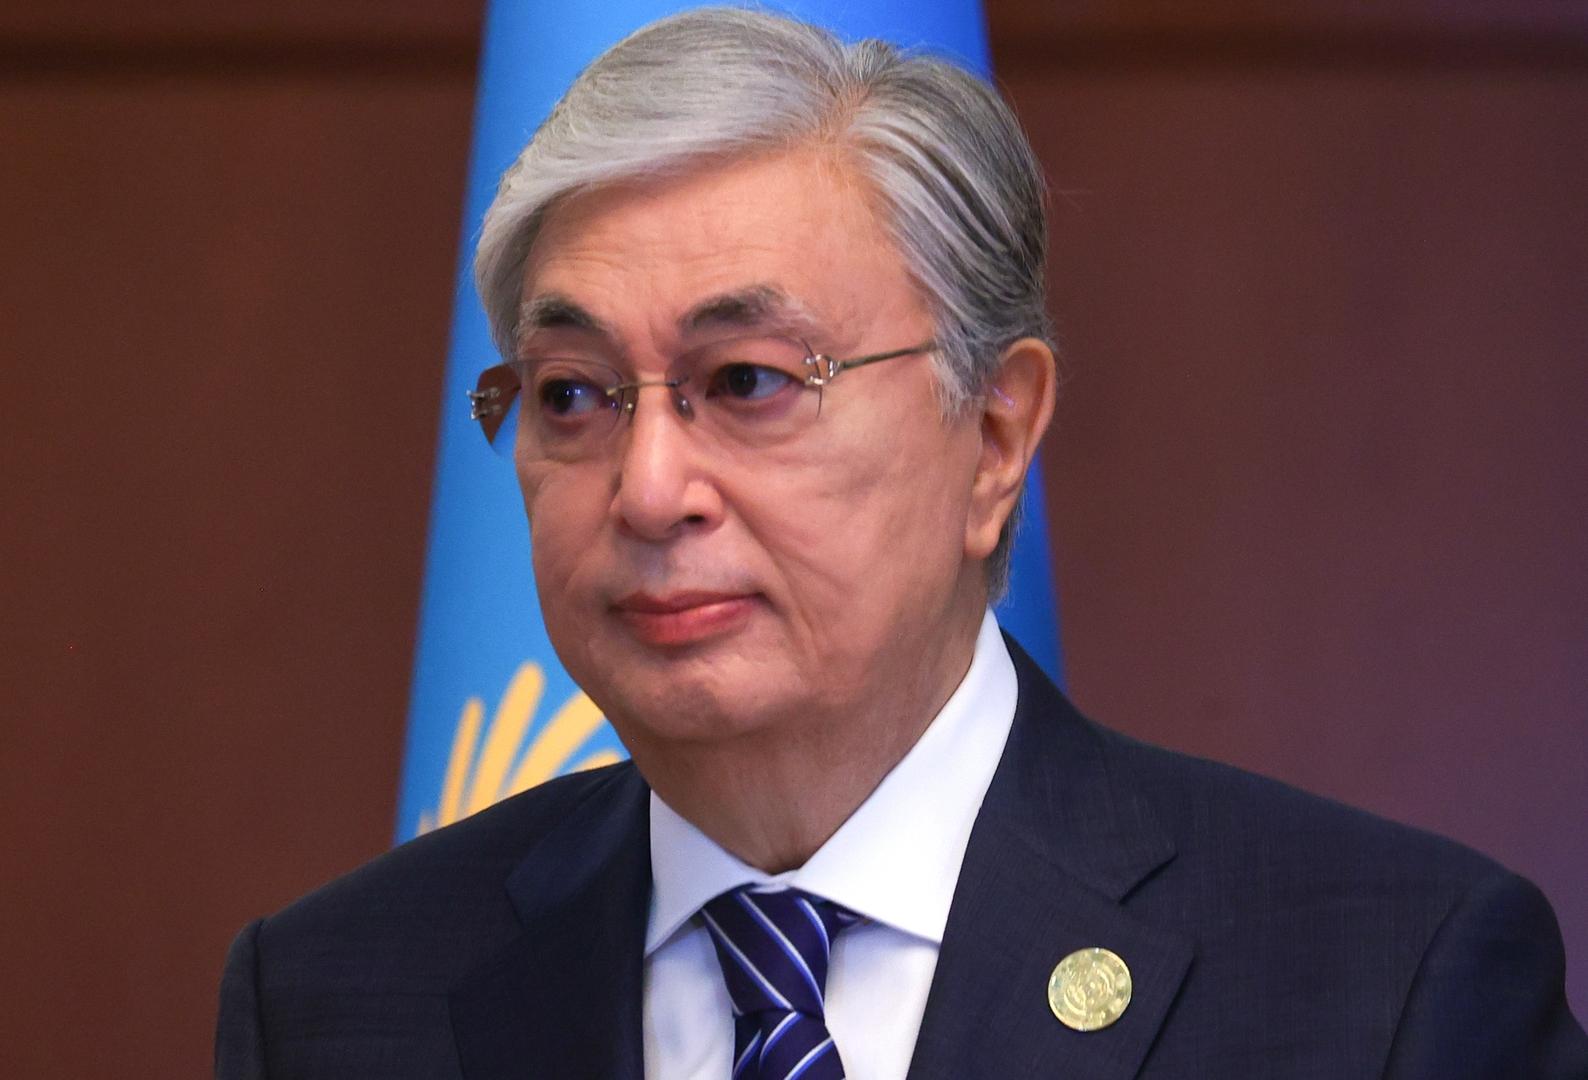 كازاخستان تقترح إنشاء مركز لمنظمة شنغهاي لتقديم المساعدات إلى أفغانستان